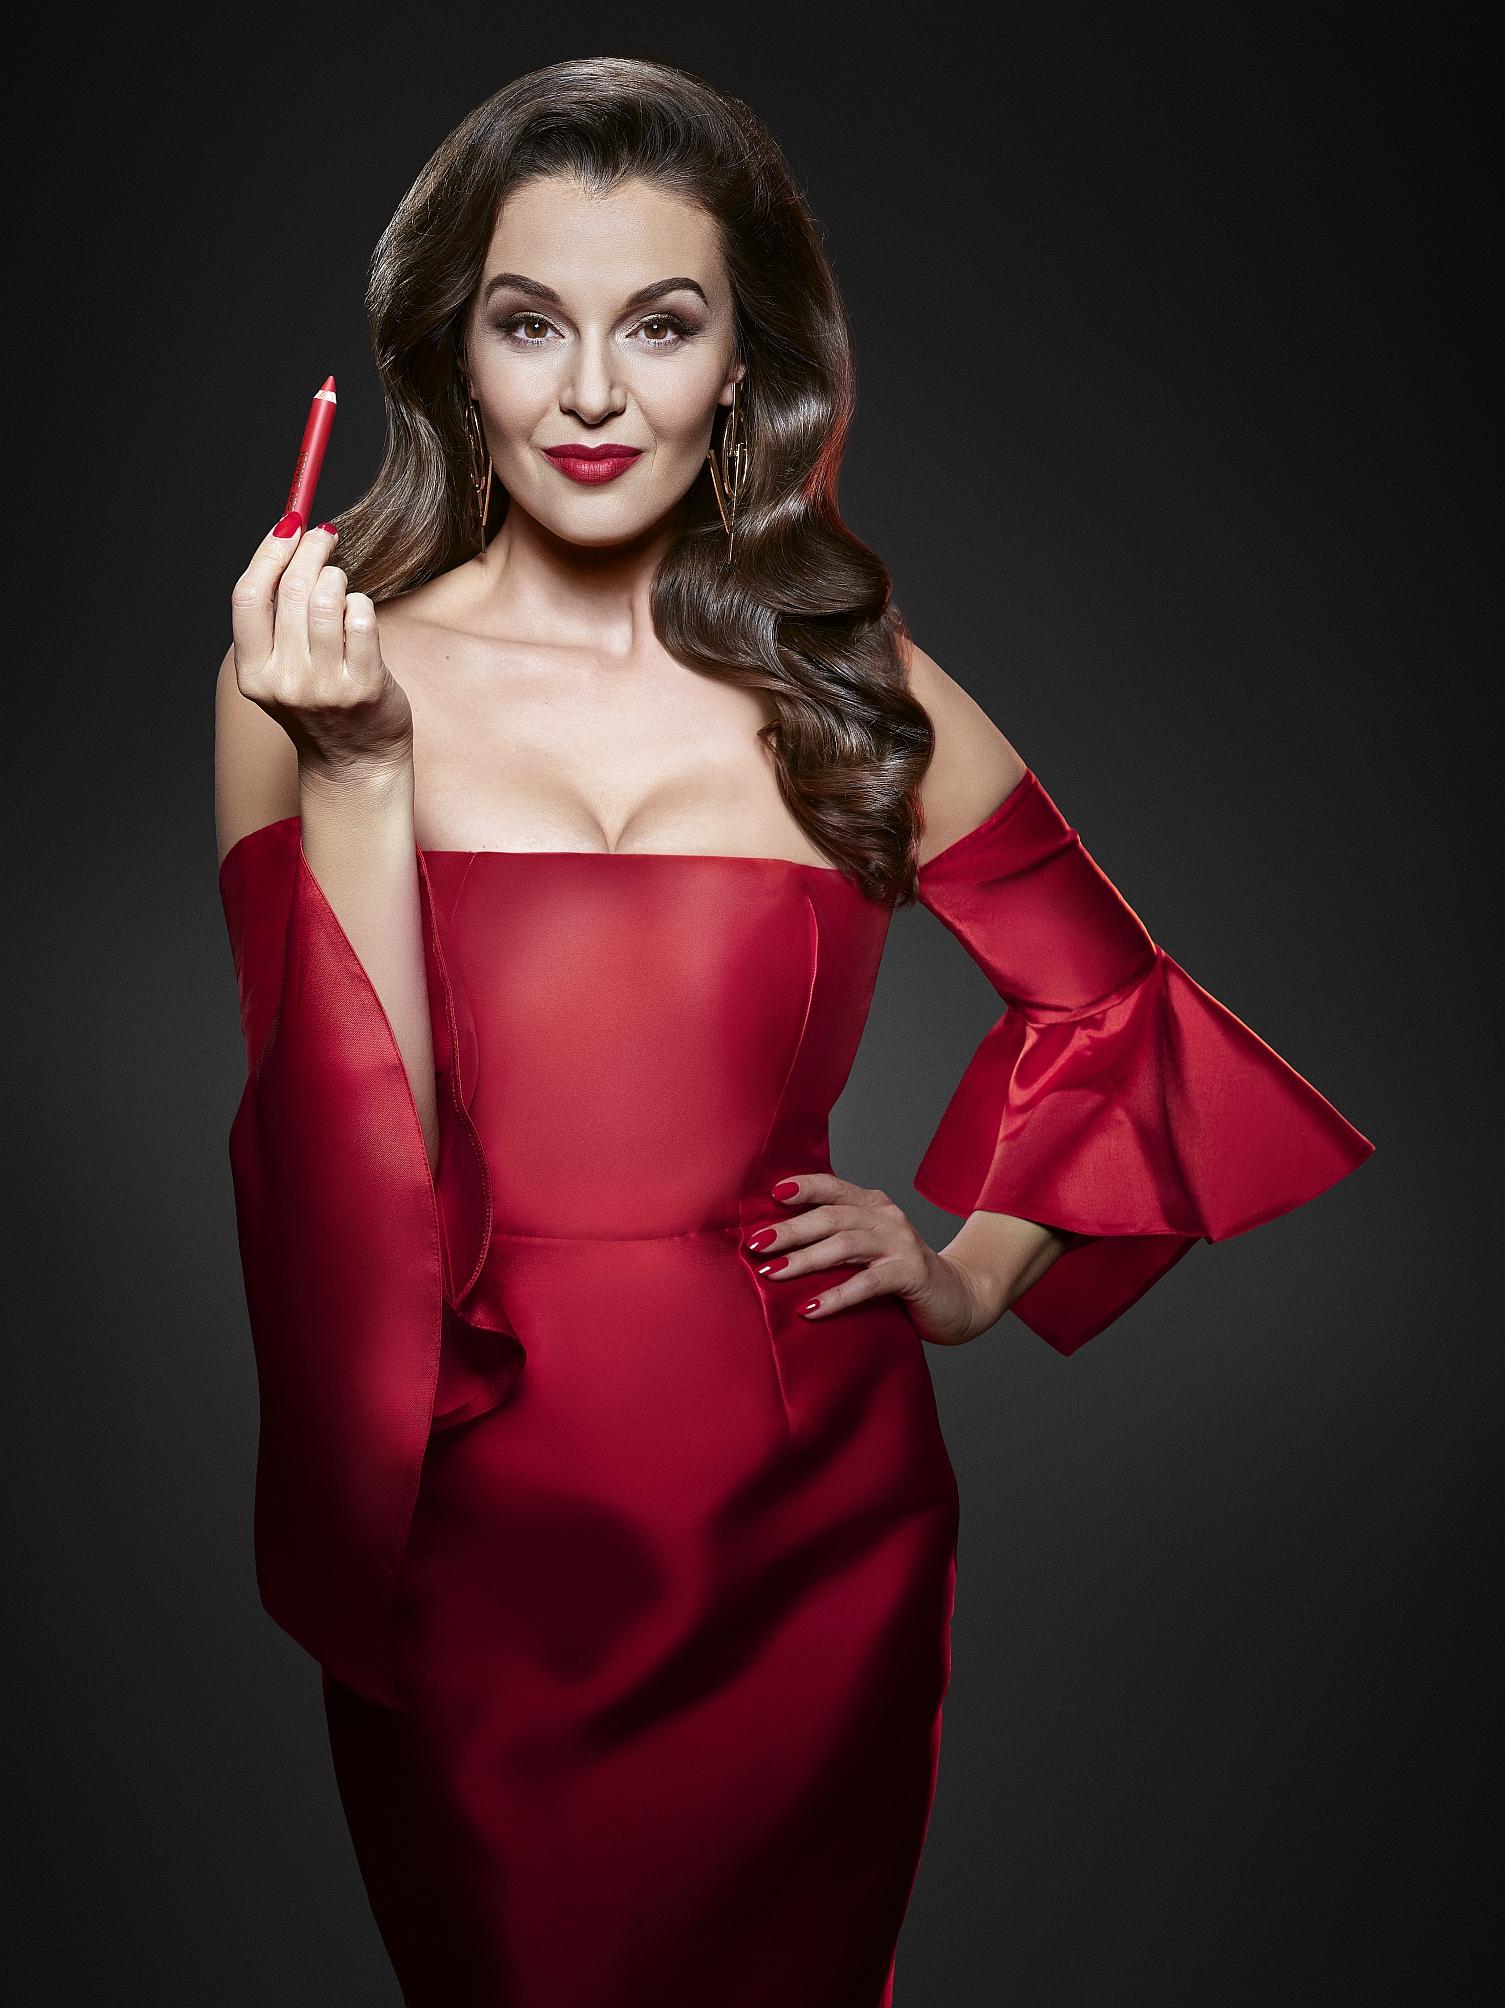 2_Iva Kubelková jako filmová diva s novou rtěnkou Iconic Lips značky Dermacol_ foto Dermacol_repro zdarma